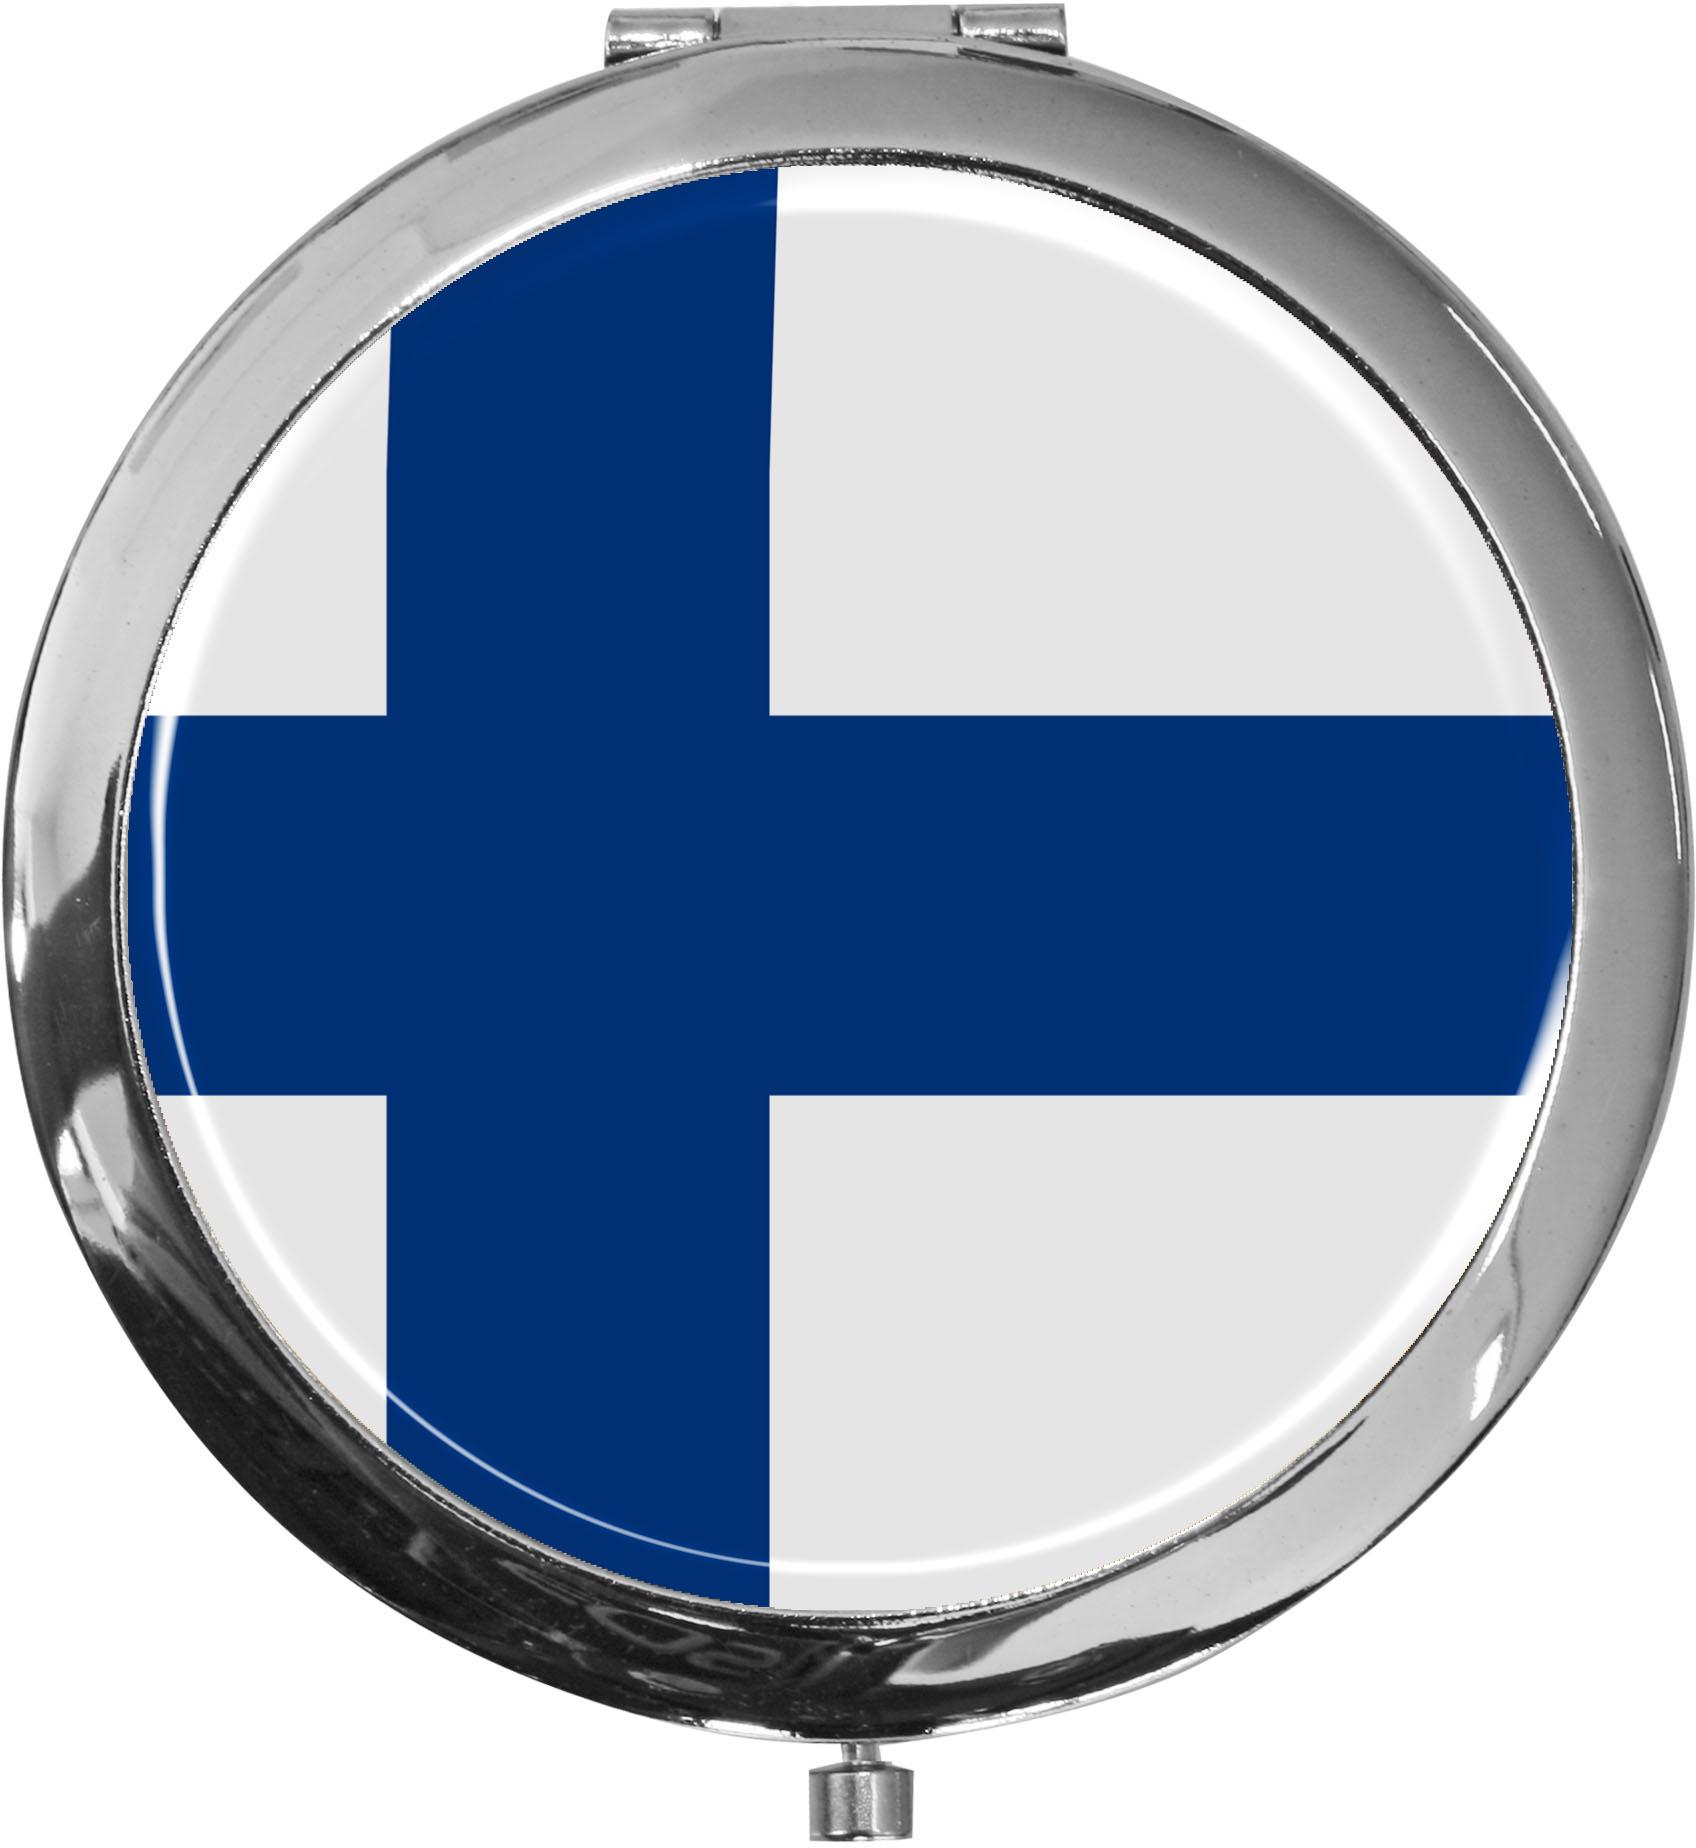 Taschenspiegel / Spiegel / Flagge Finnland / 2 fache Vergrößerung